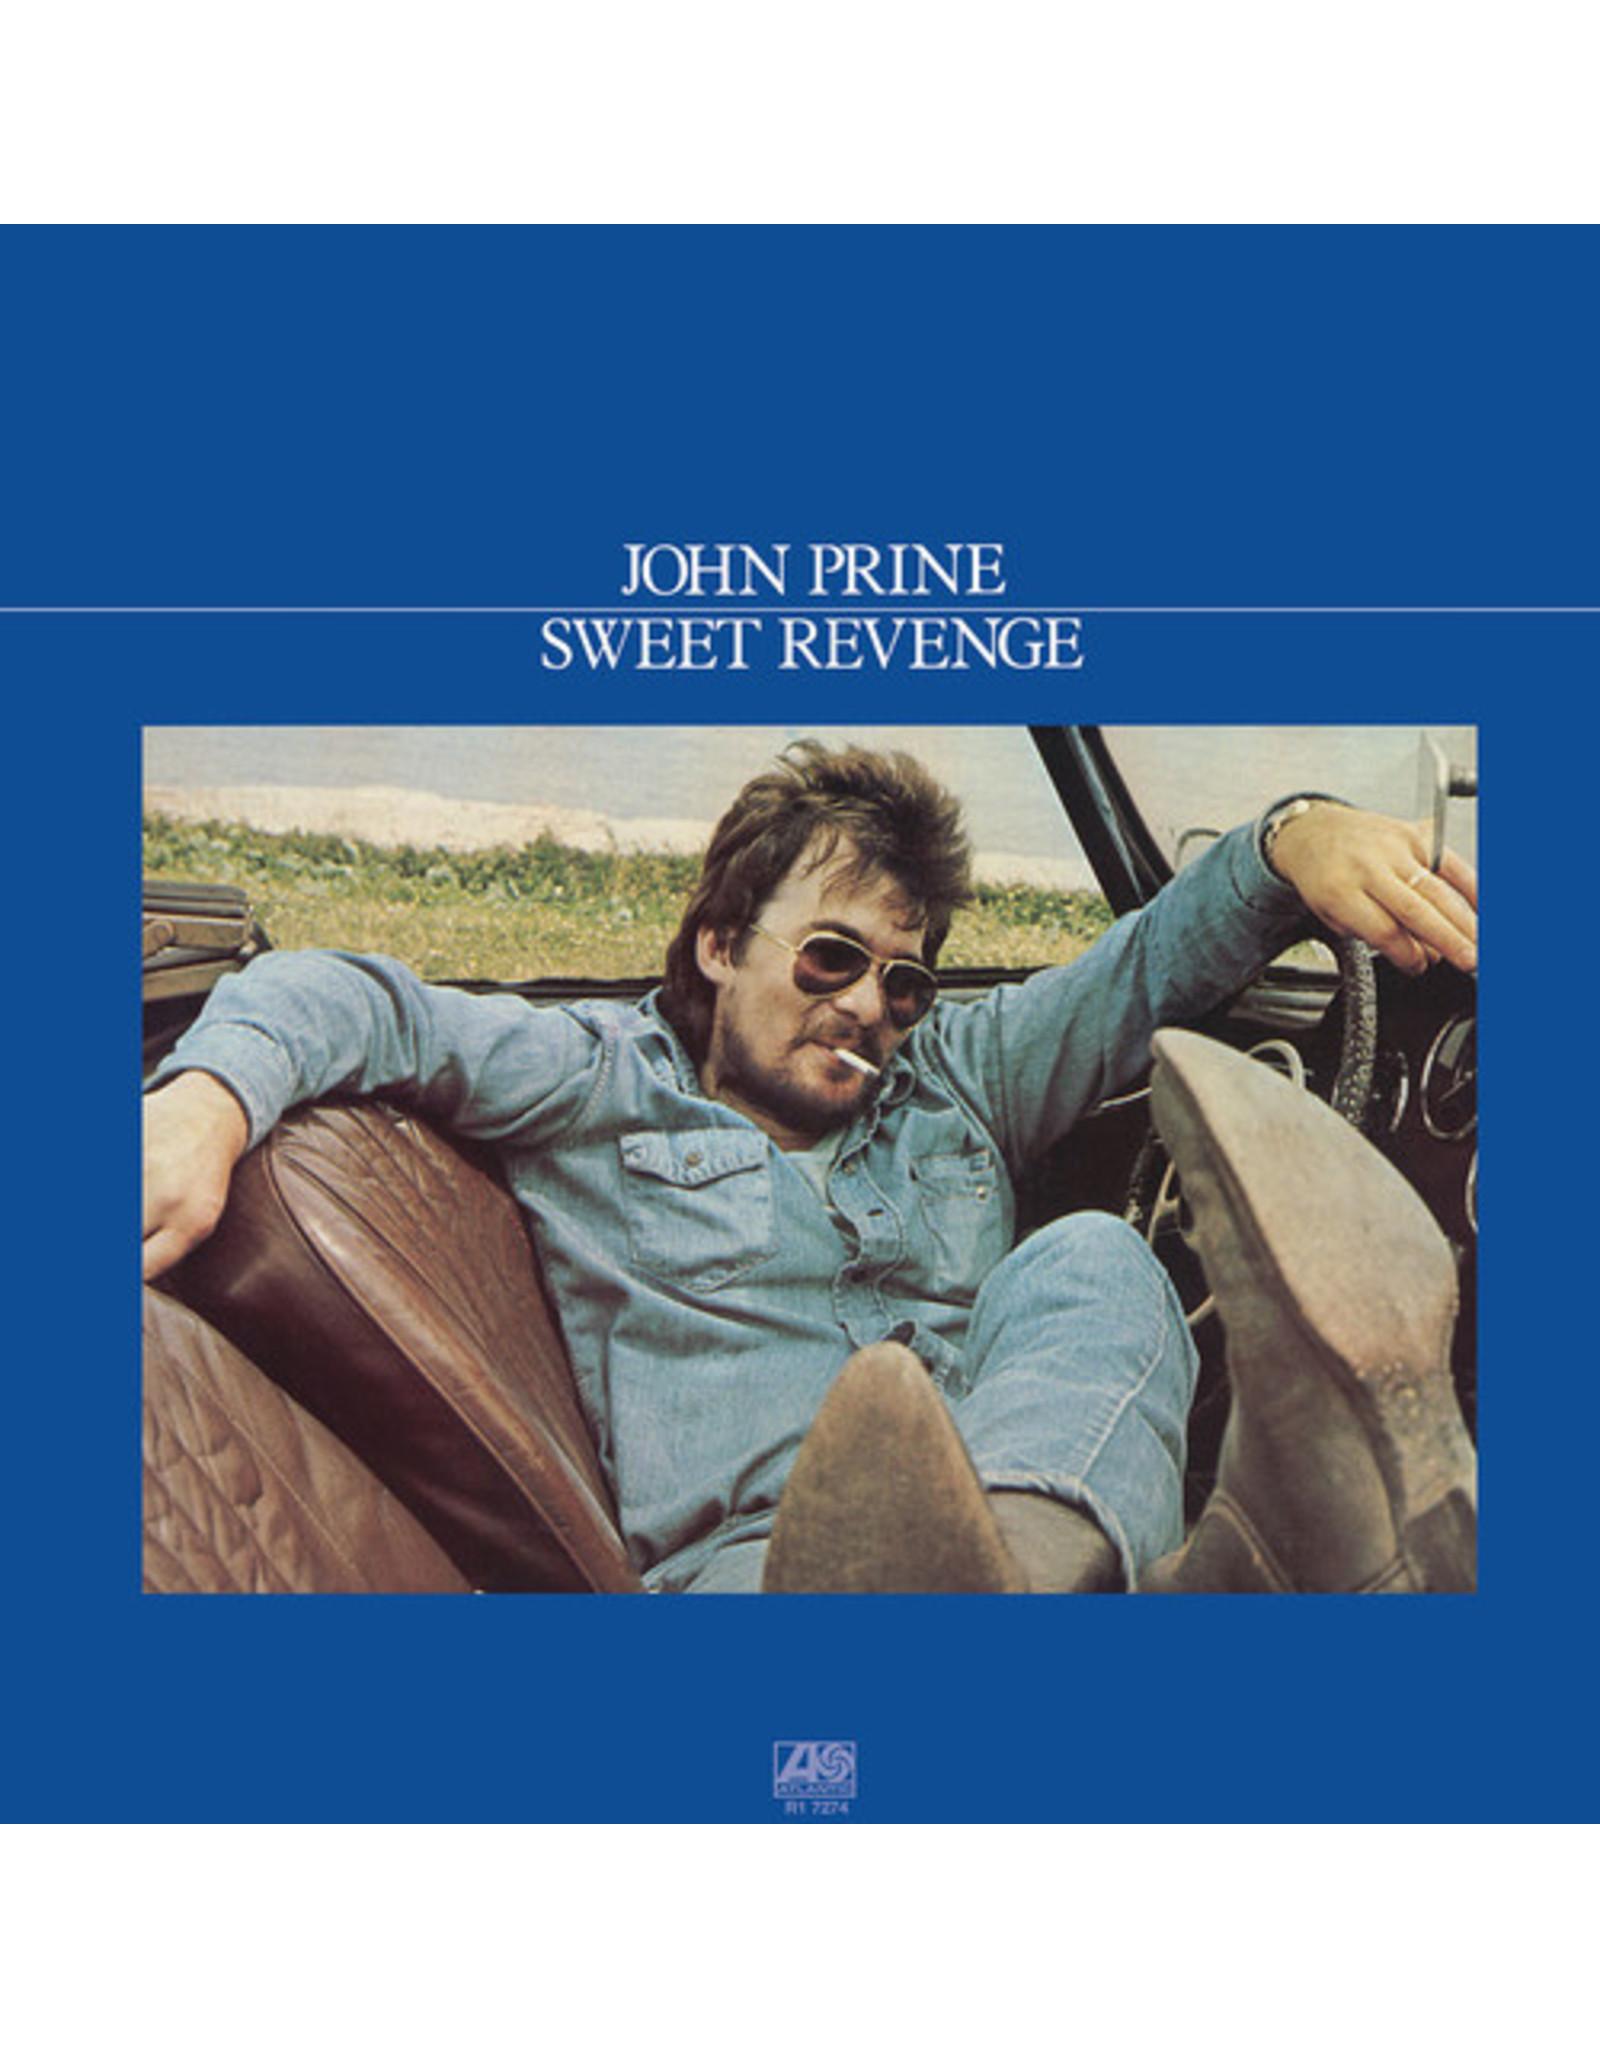 New Vinyl John Prine - Sweet Revenge LP